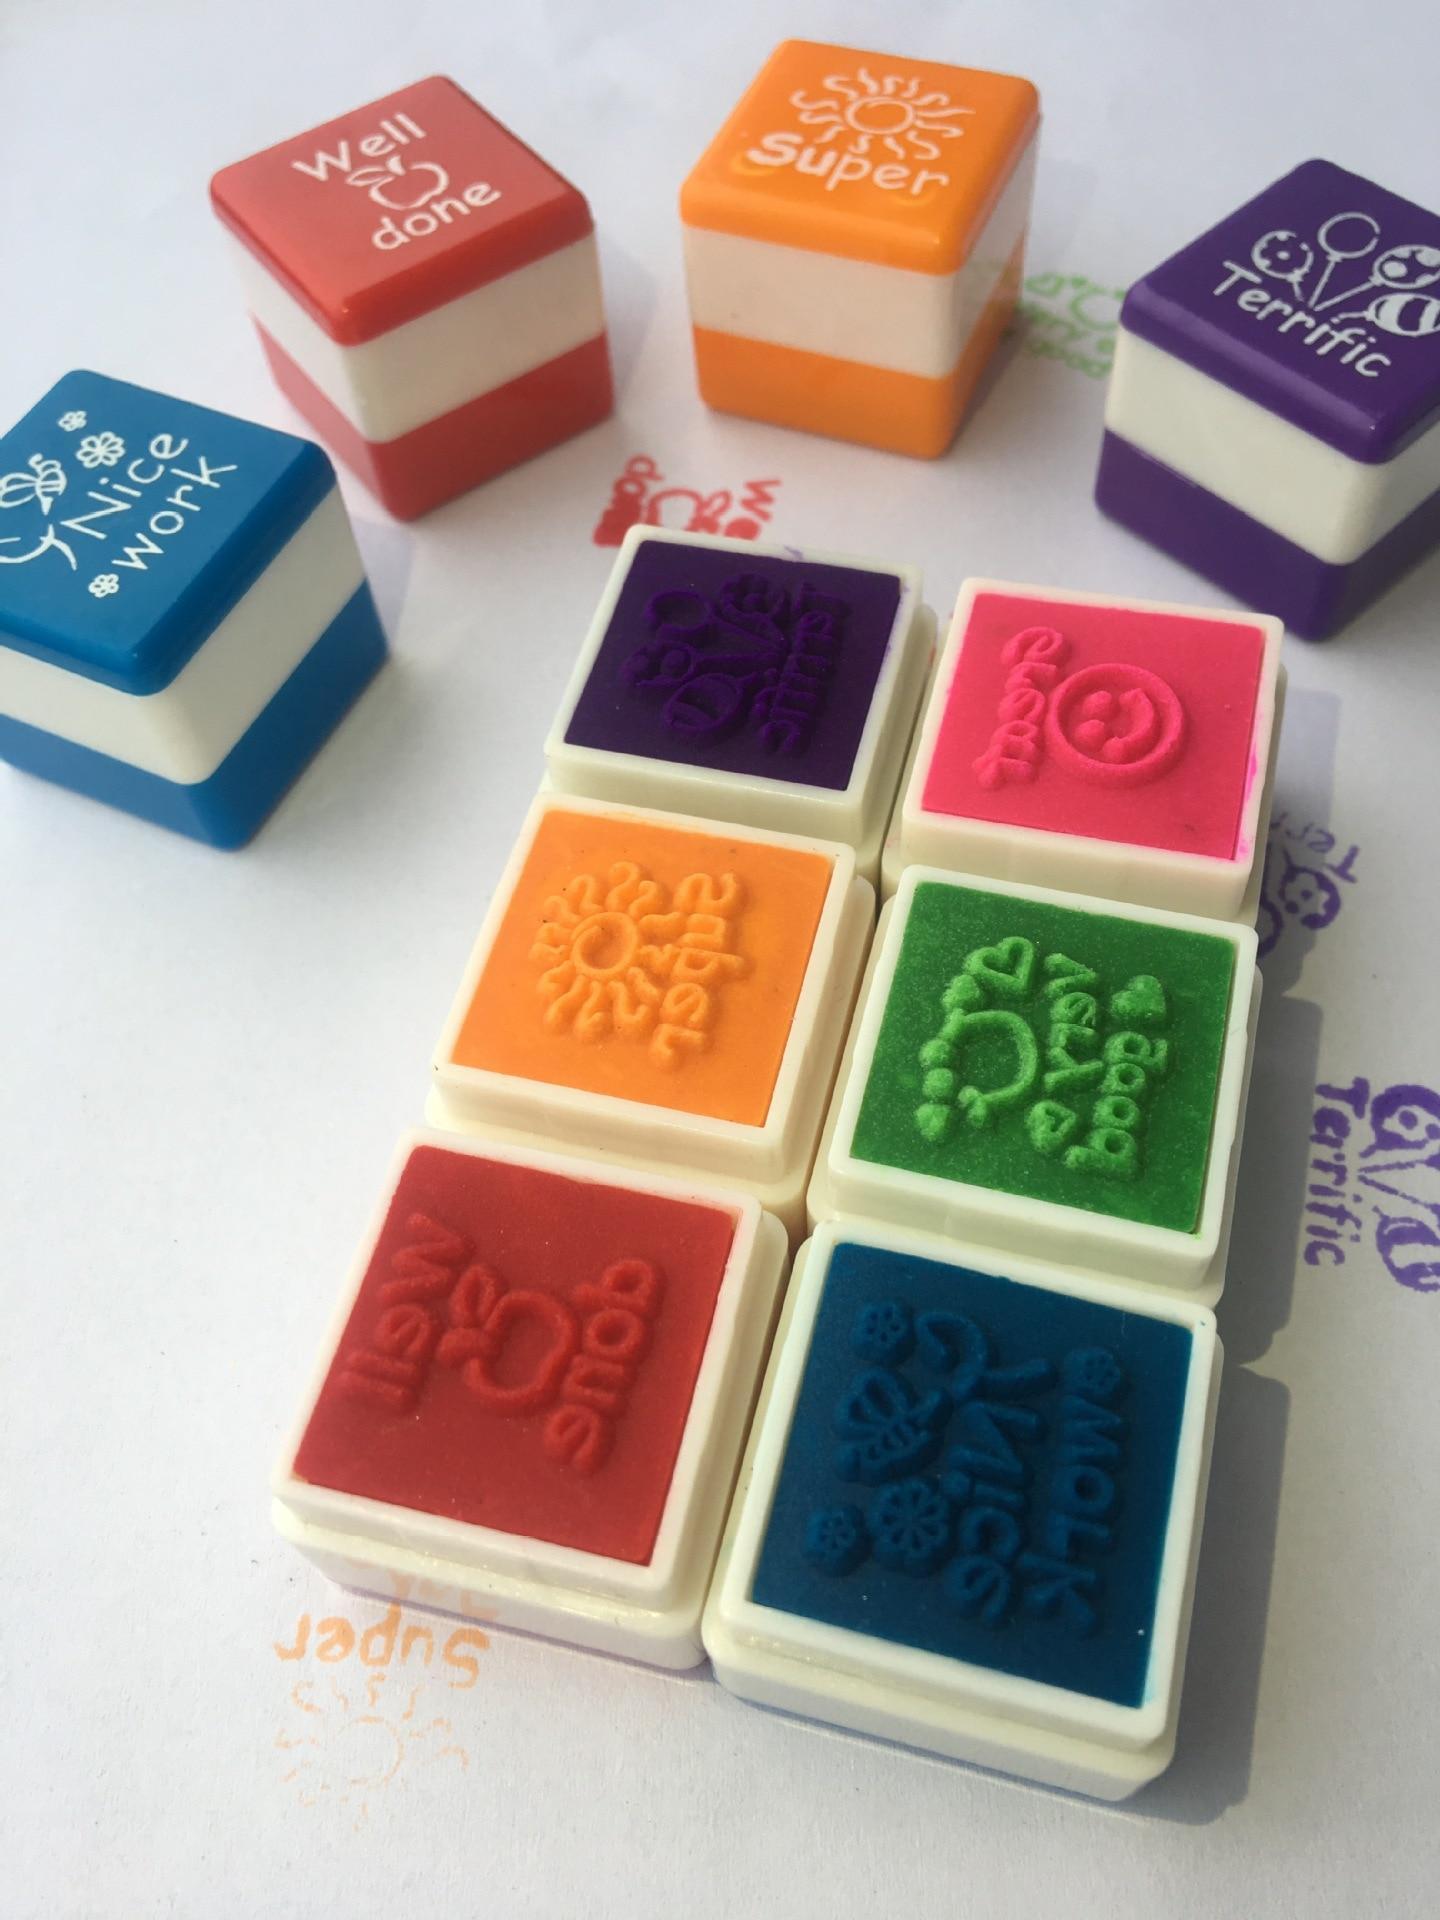 6pc/set Kindergarten Teachers Reward Stamper Sticker DIY English Words Kids Toys Children School Motivation Praise Reward Stamps